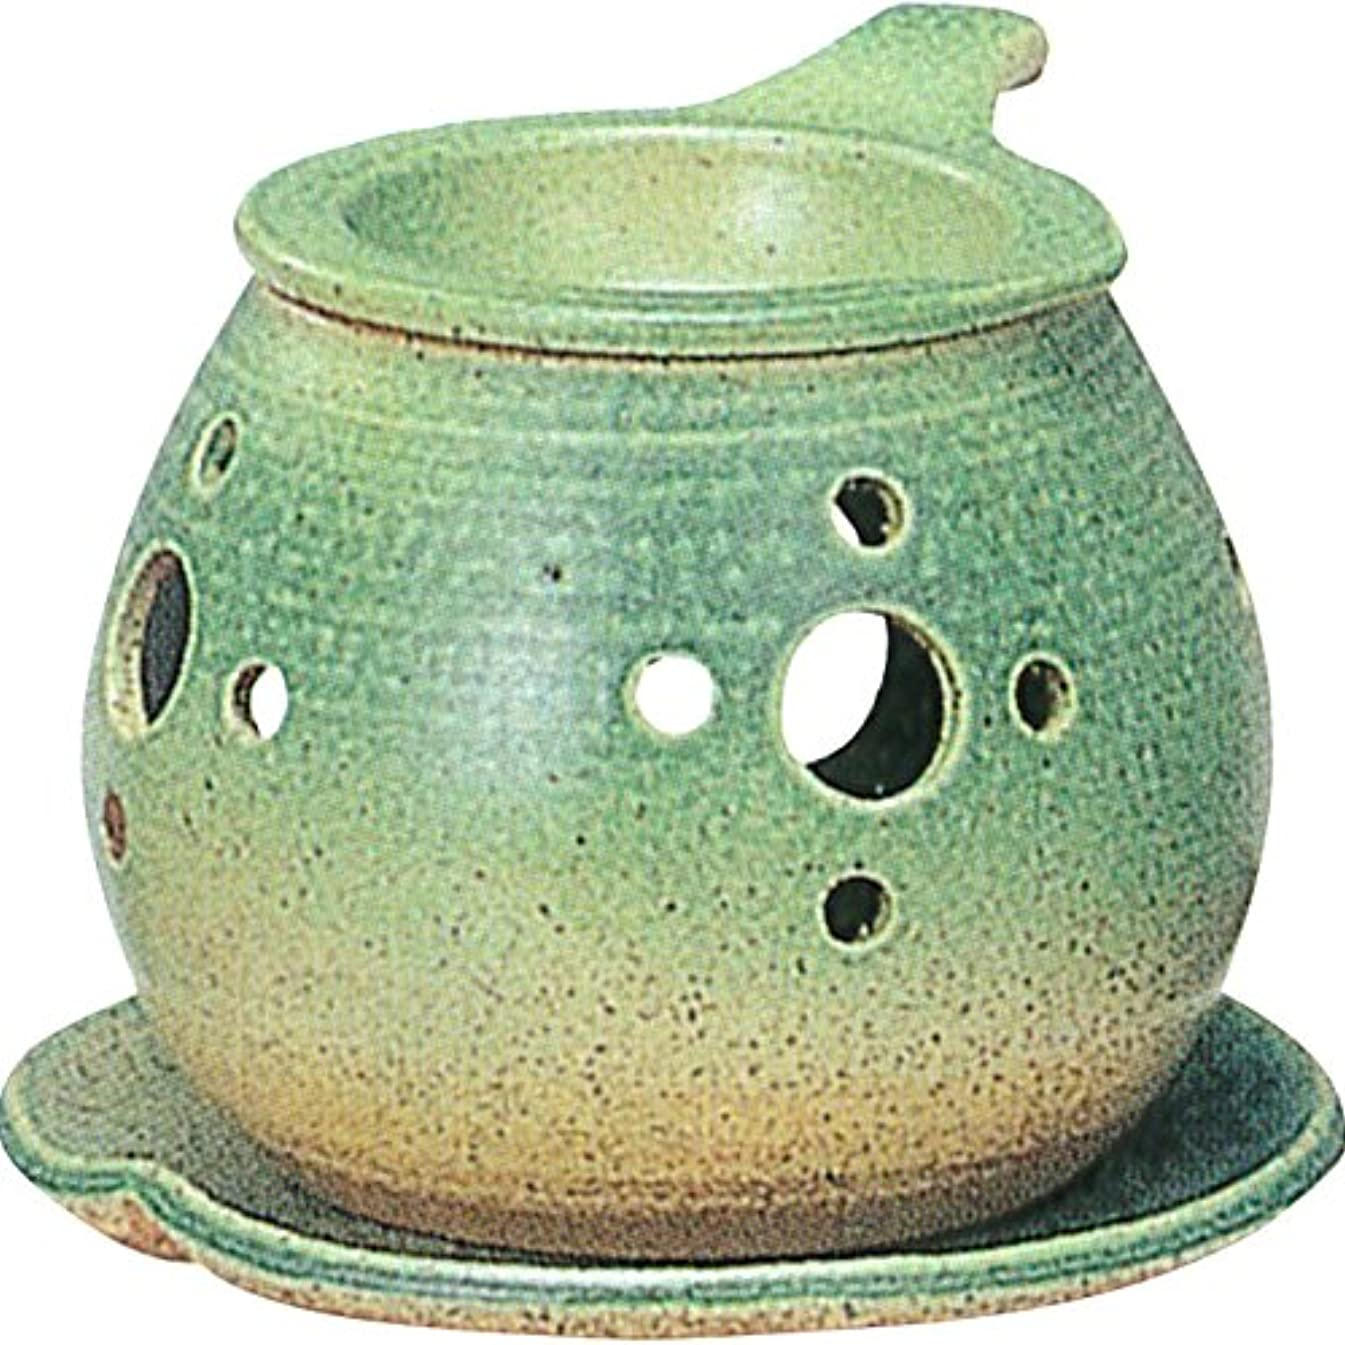 素晴らしい良い多くの紳士怪しい茶香炉 : 常滑焼 間宮 茶香炉? ル35-02